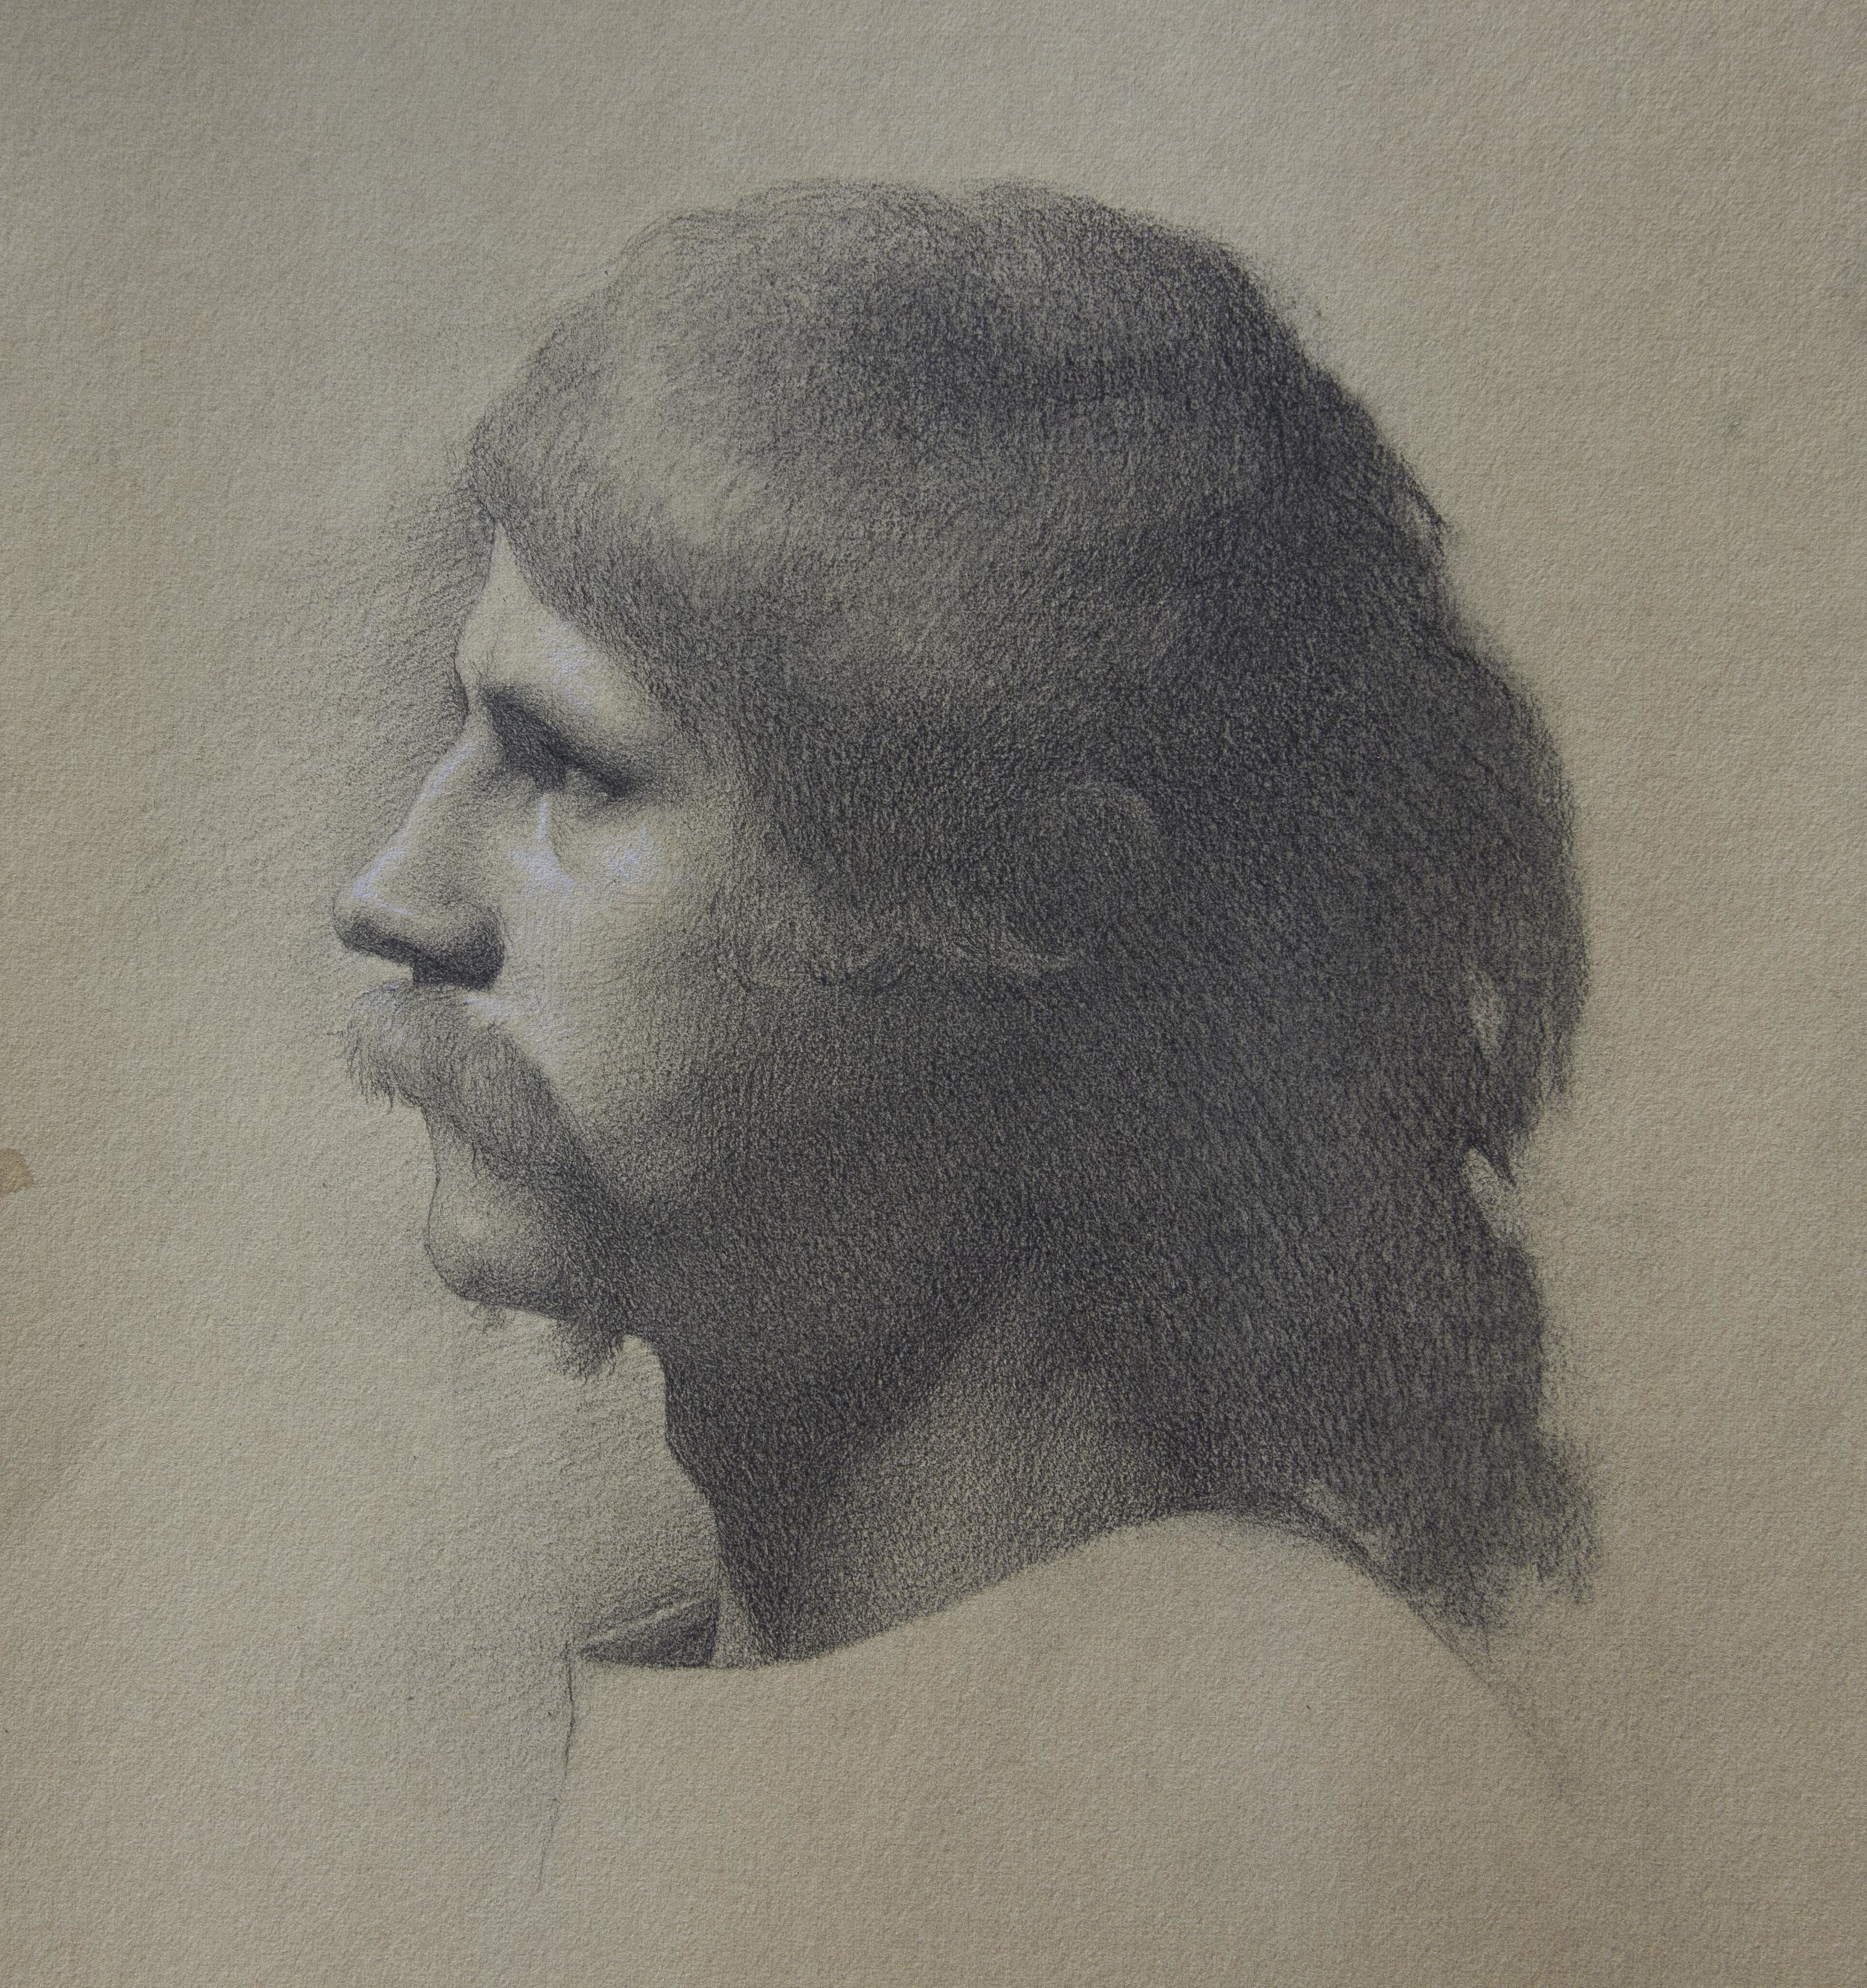 Luke. 9 x 12